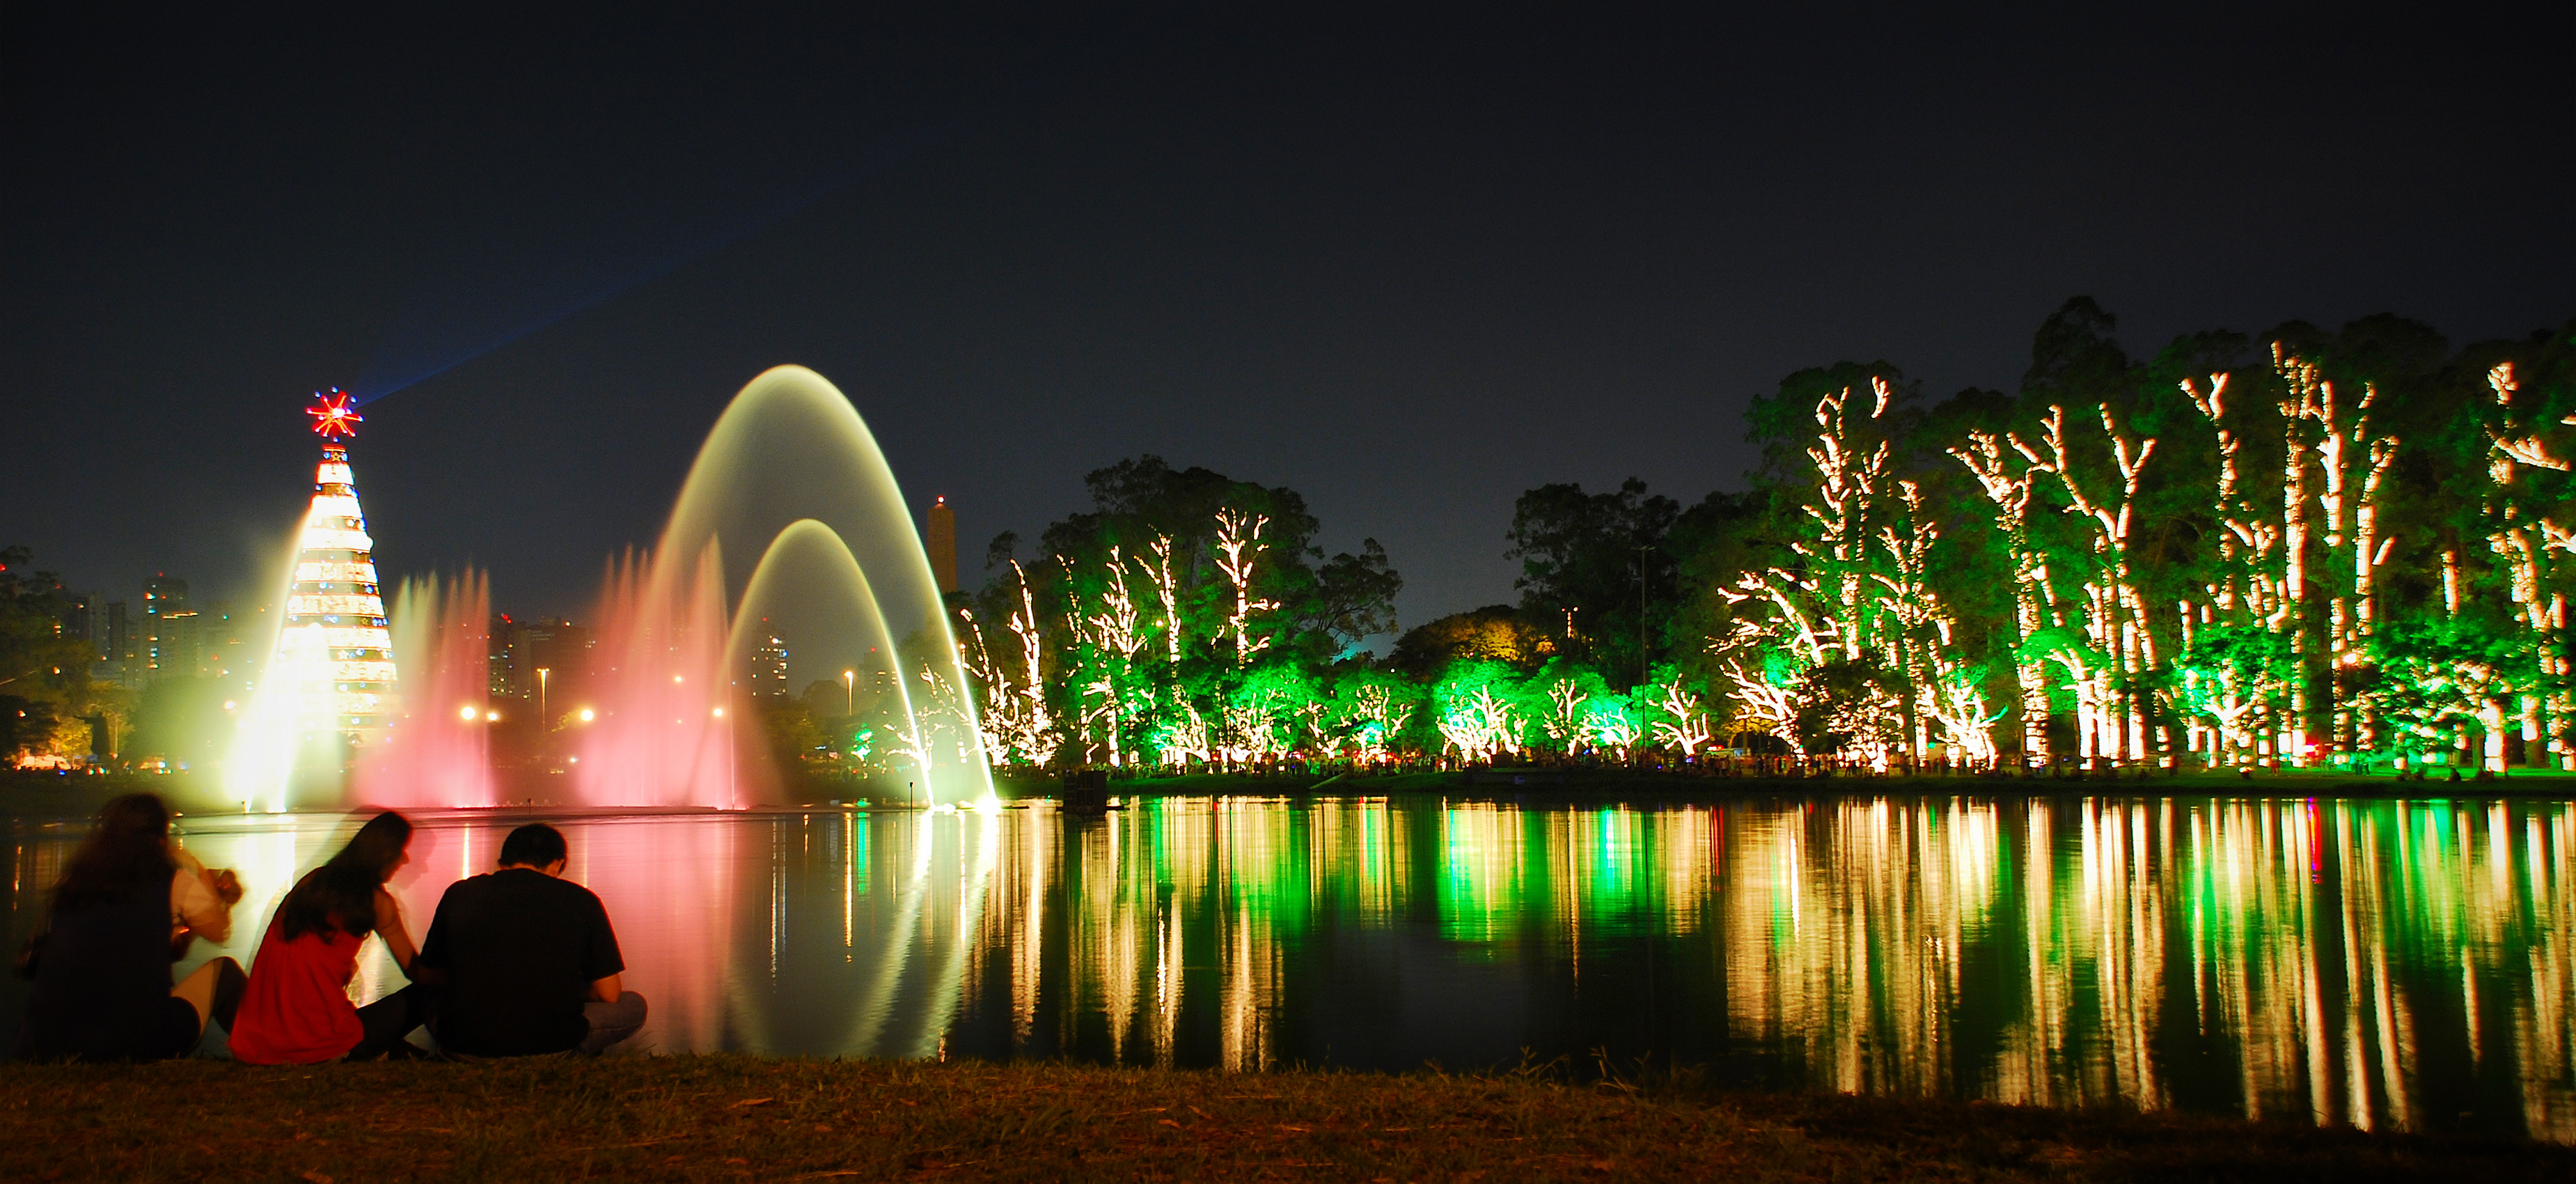 enfeites de natal para jardim iluminados : enfeites de natal para jardim iluminados:File:Ibira at night.jpg – Wikimedia Commons